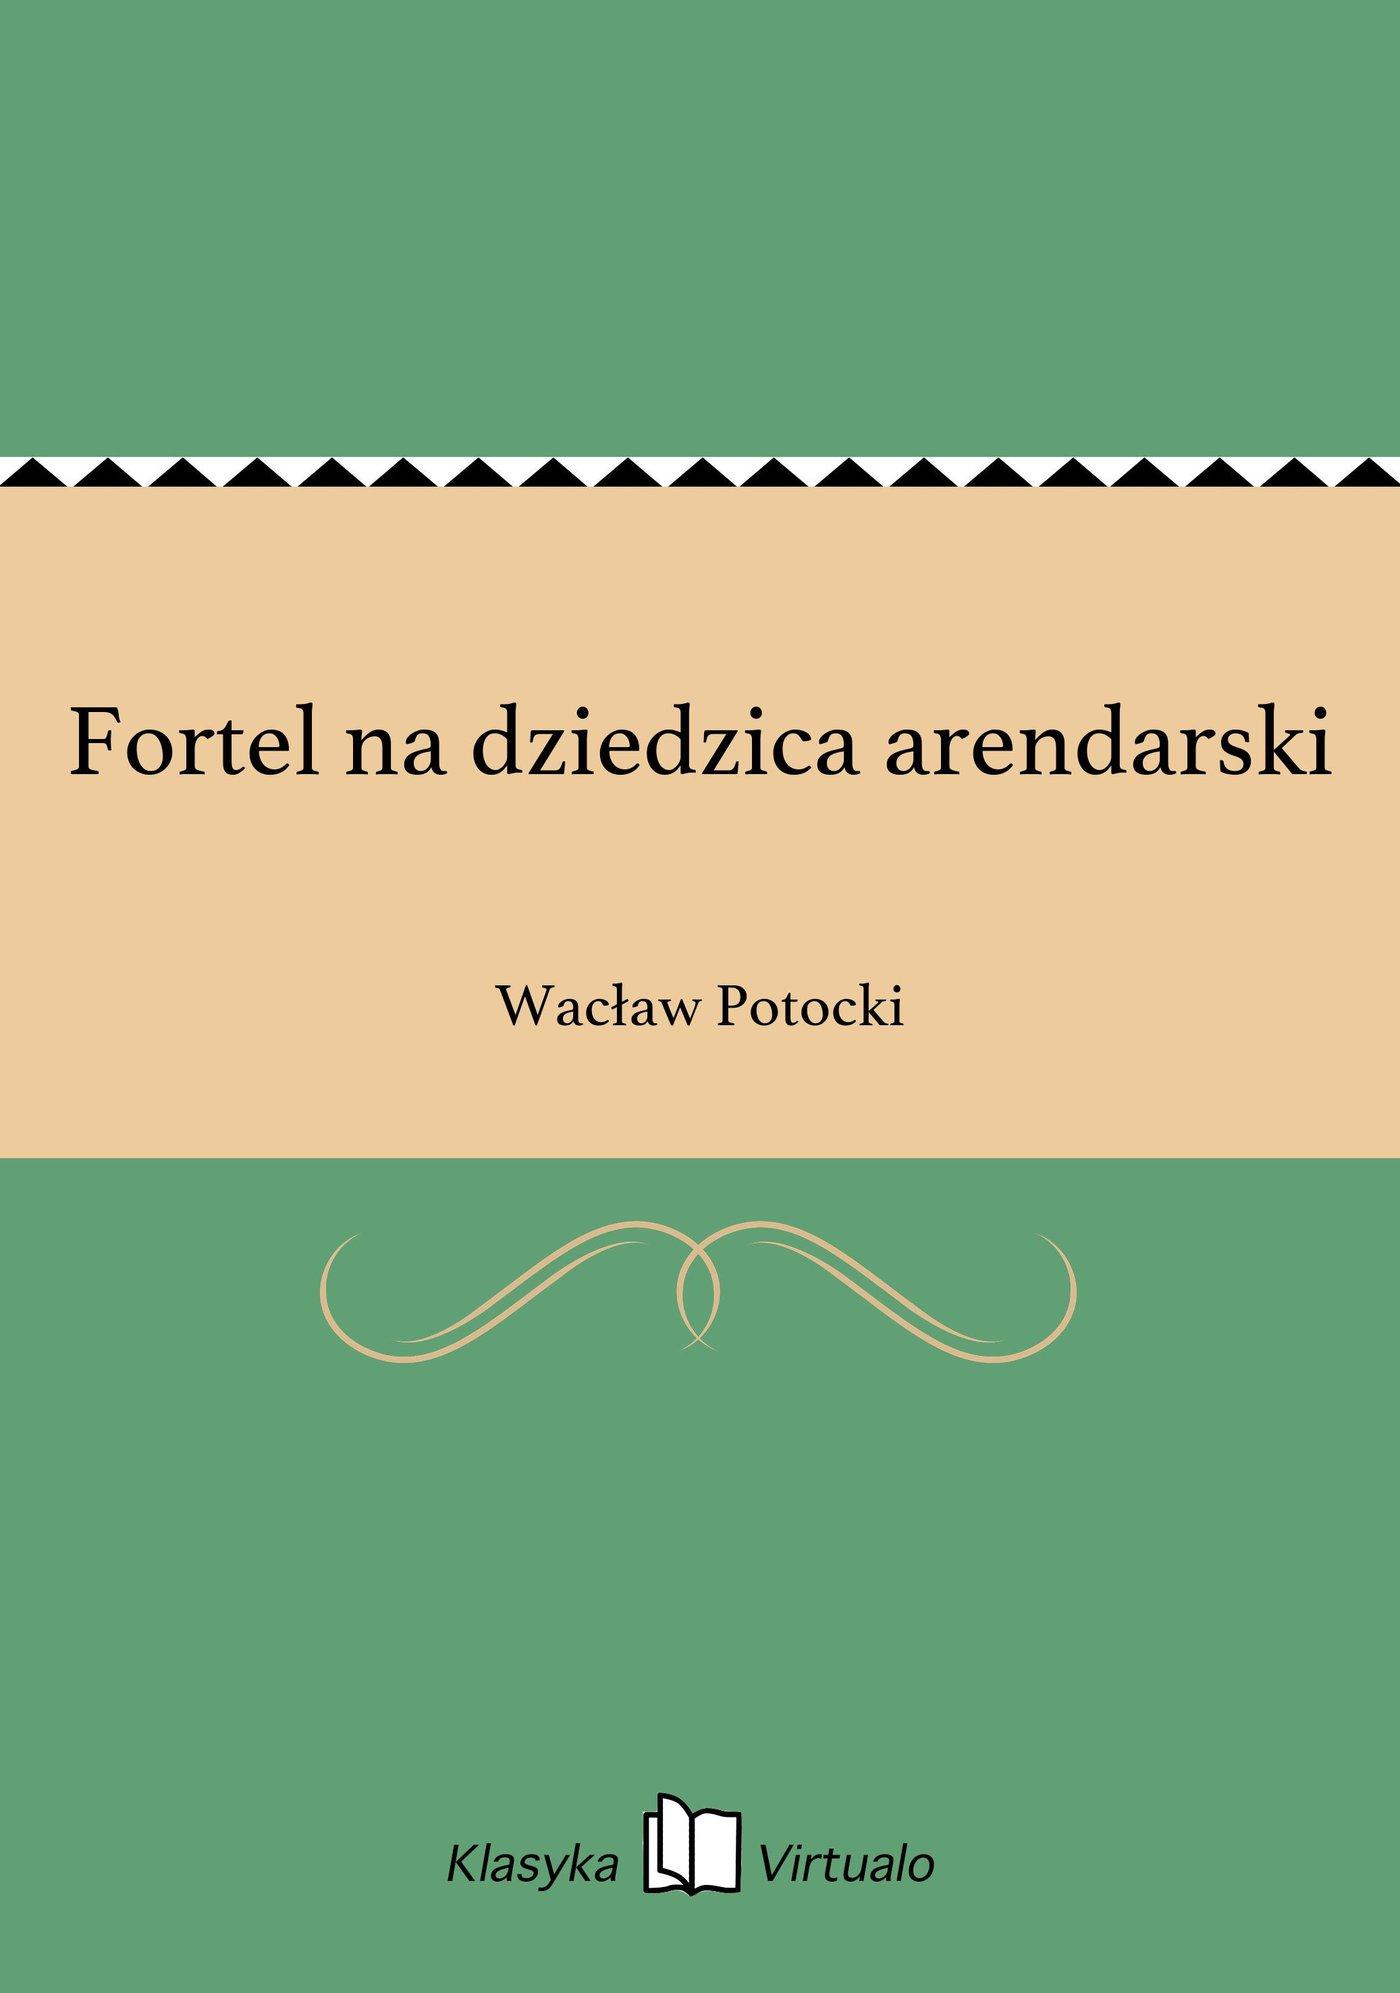 Fortel na dziedzica arendarski - Ebook (Książka na Kindle) do pobrania w formacie MOBI